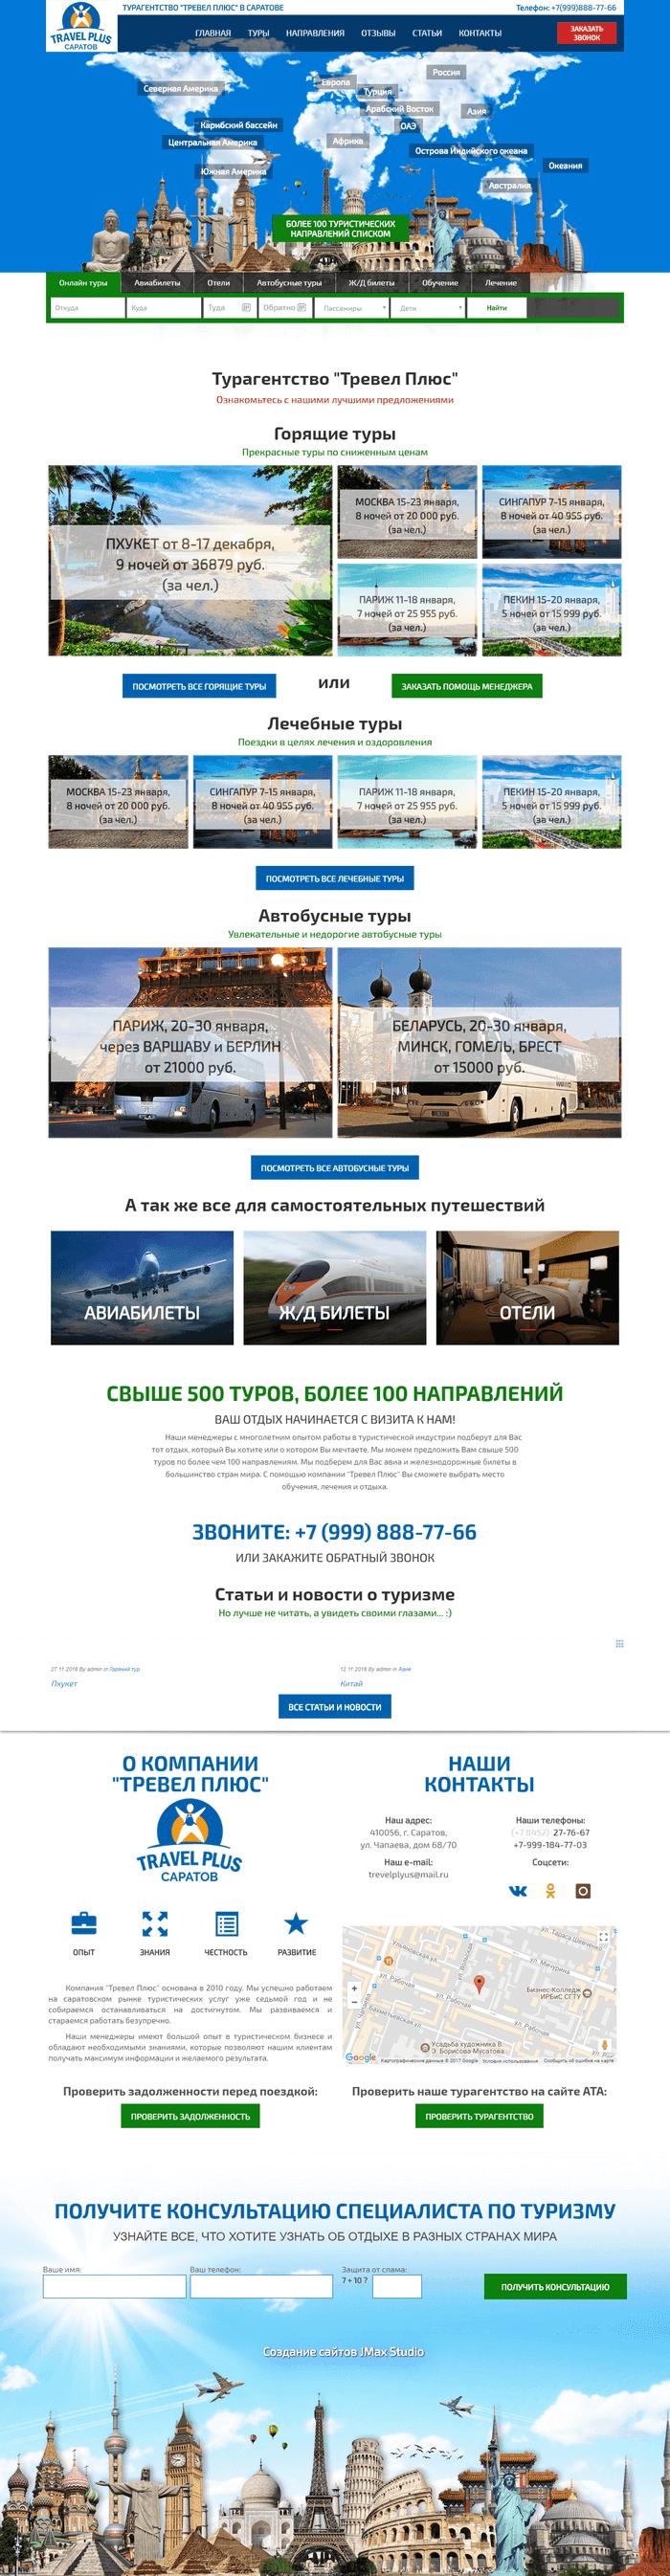 Главная страница сайта туристического агентства Travel Plus